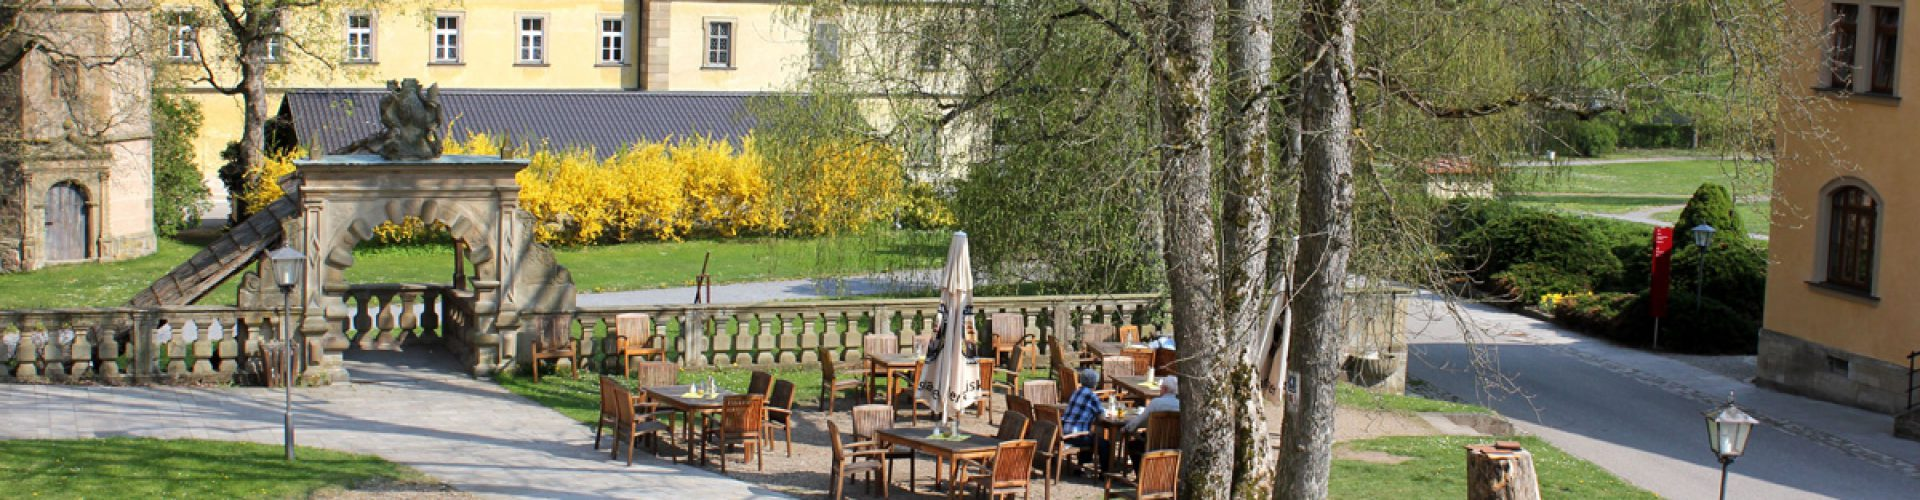 KlosterGasthof-Maria-Bildhausen-Gruppenunterkunft-fuer-Menschen-mit-Behinderungen__t12217e